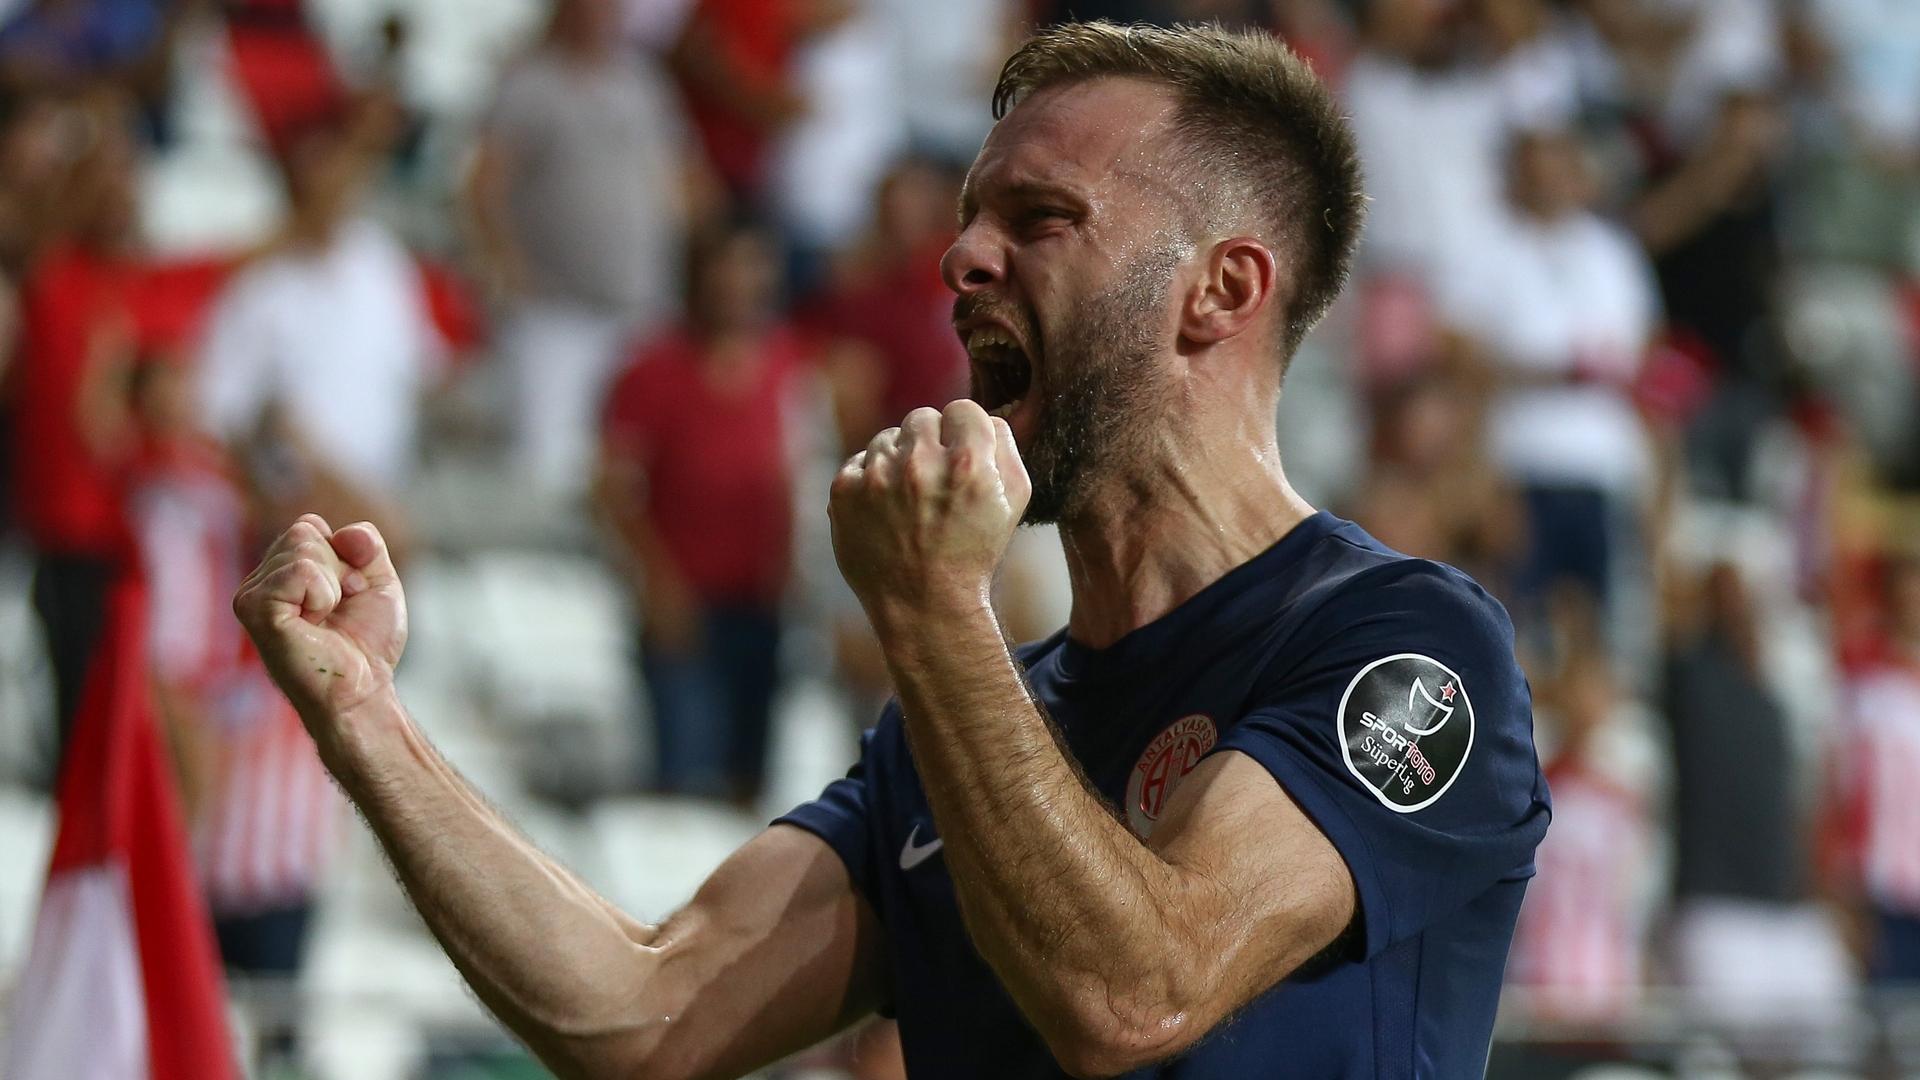 Hakan Ozmert Antalyaspor